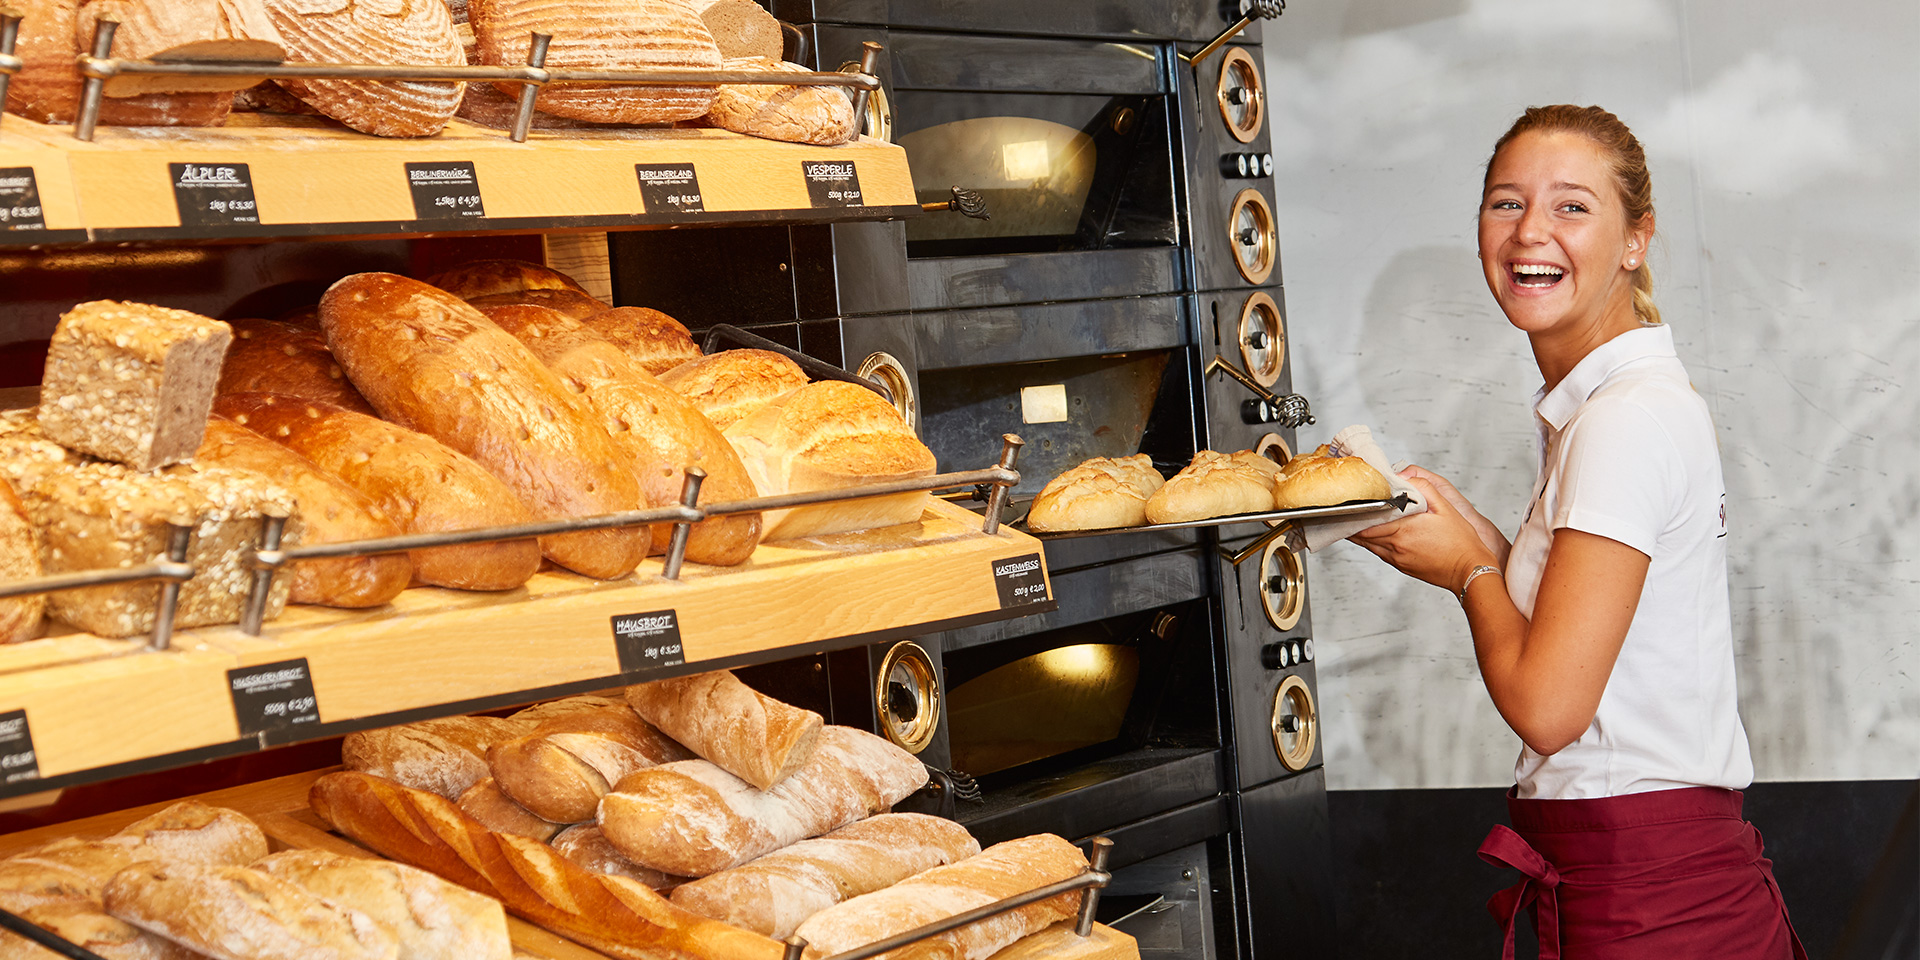 Wirthensohn Bäckerei Azubi